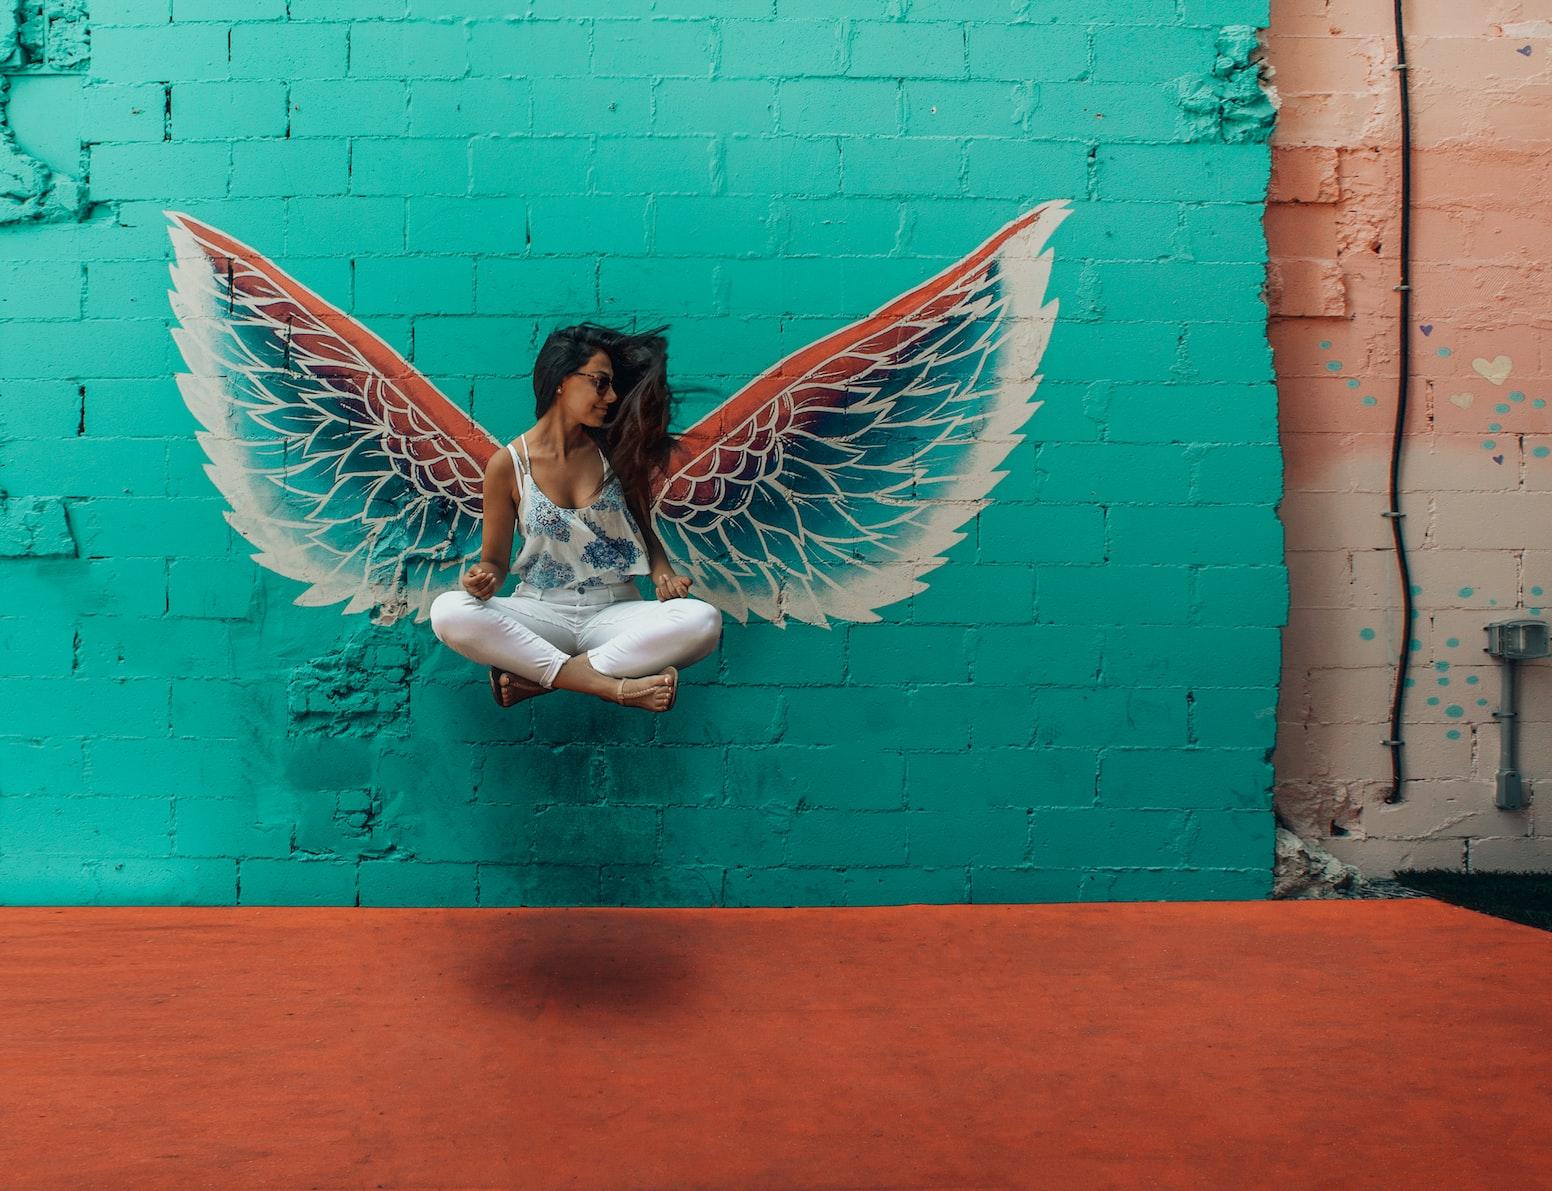 Девушка с нарисованными крыльями